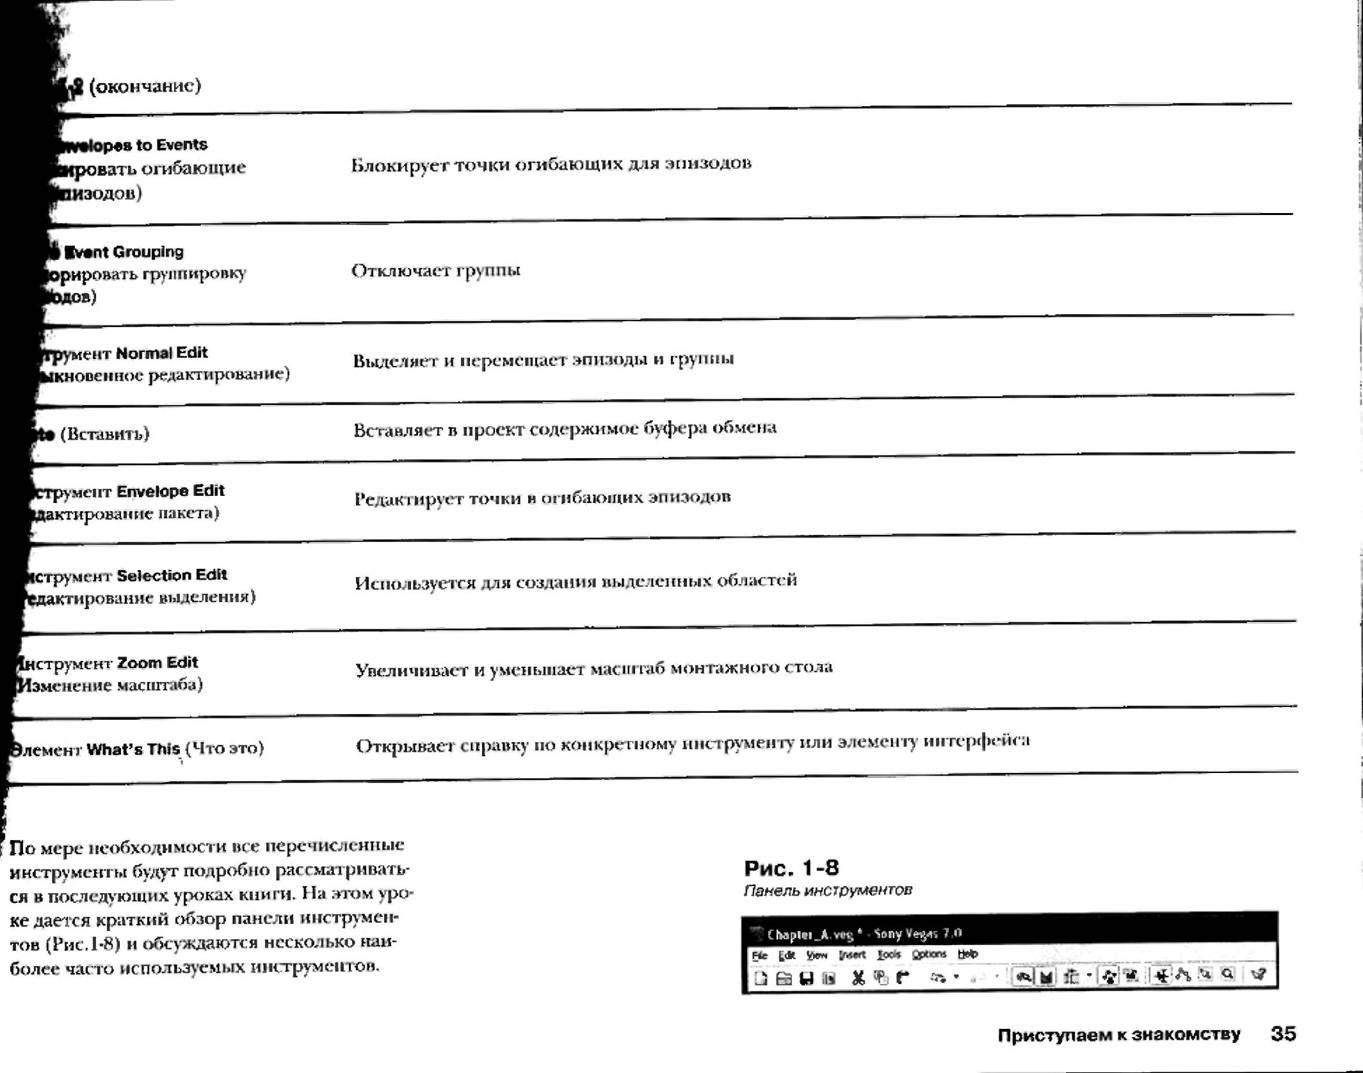 http://redaktori-uroki.3dn.ru/_ph/13/557887208.jpg